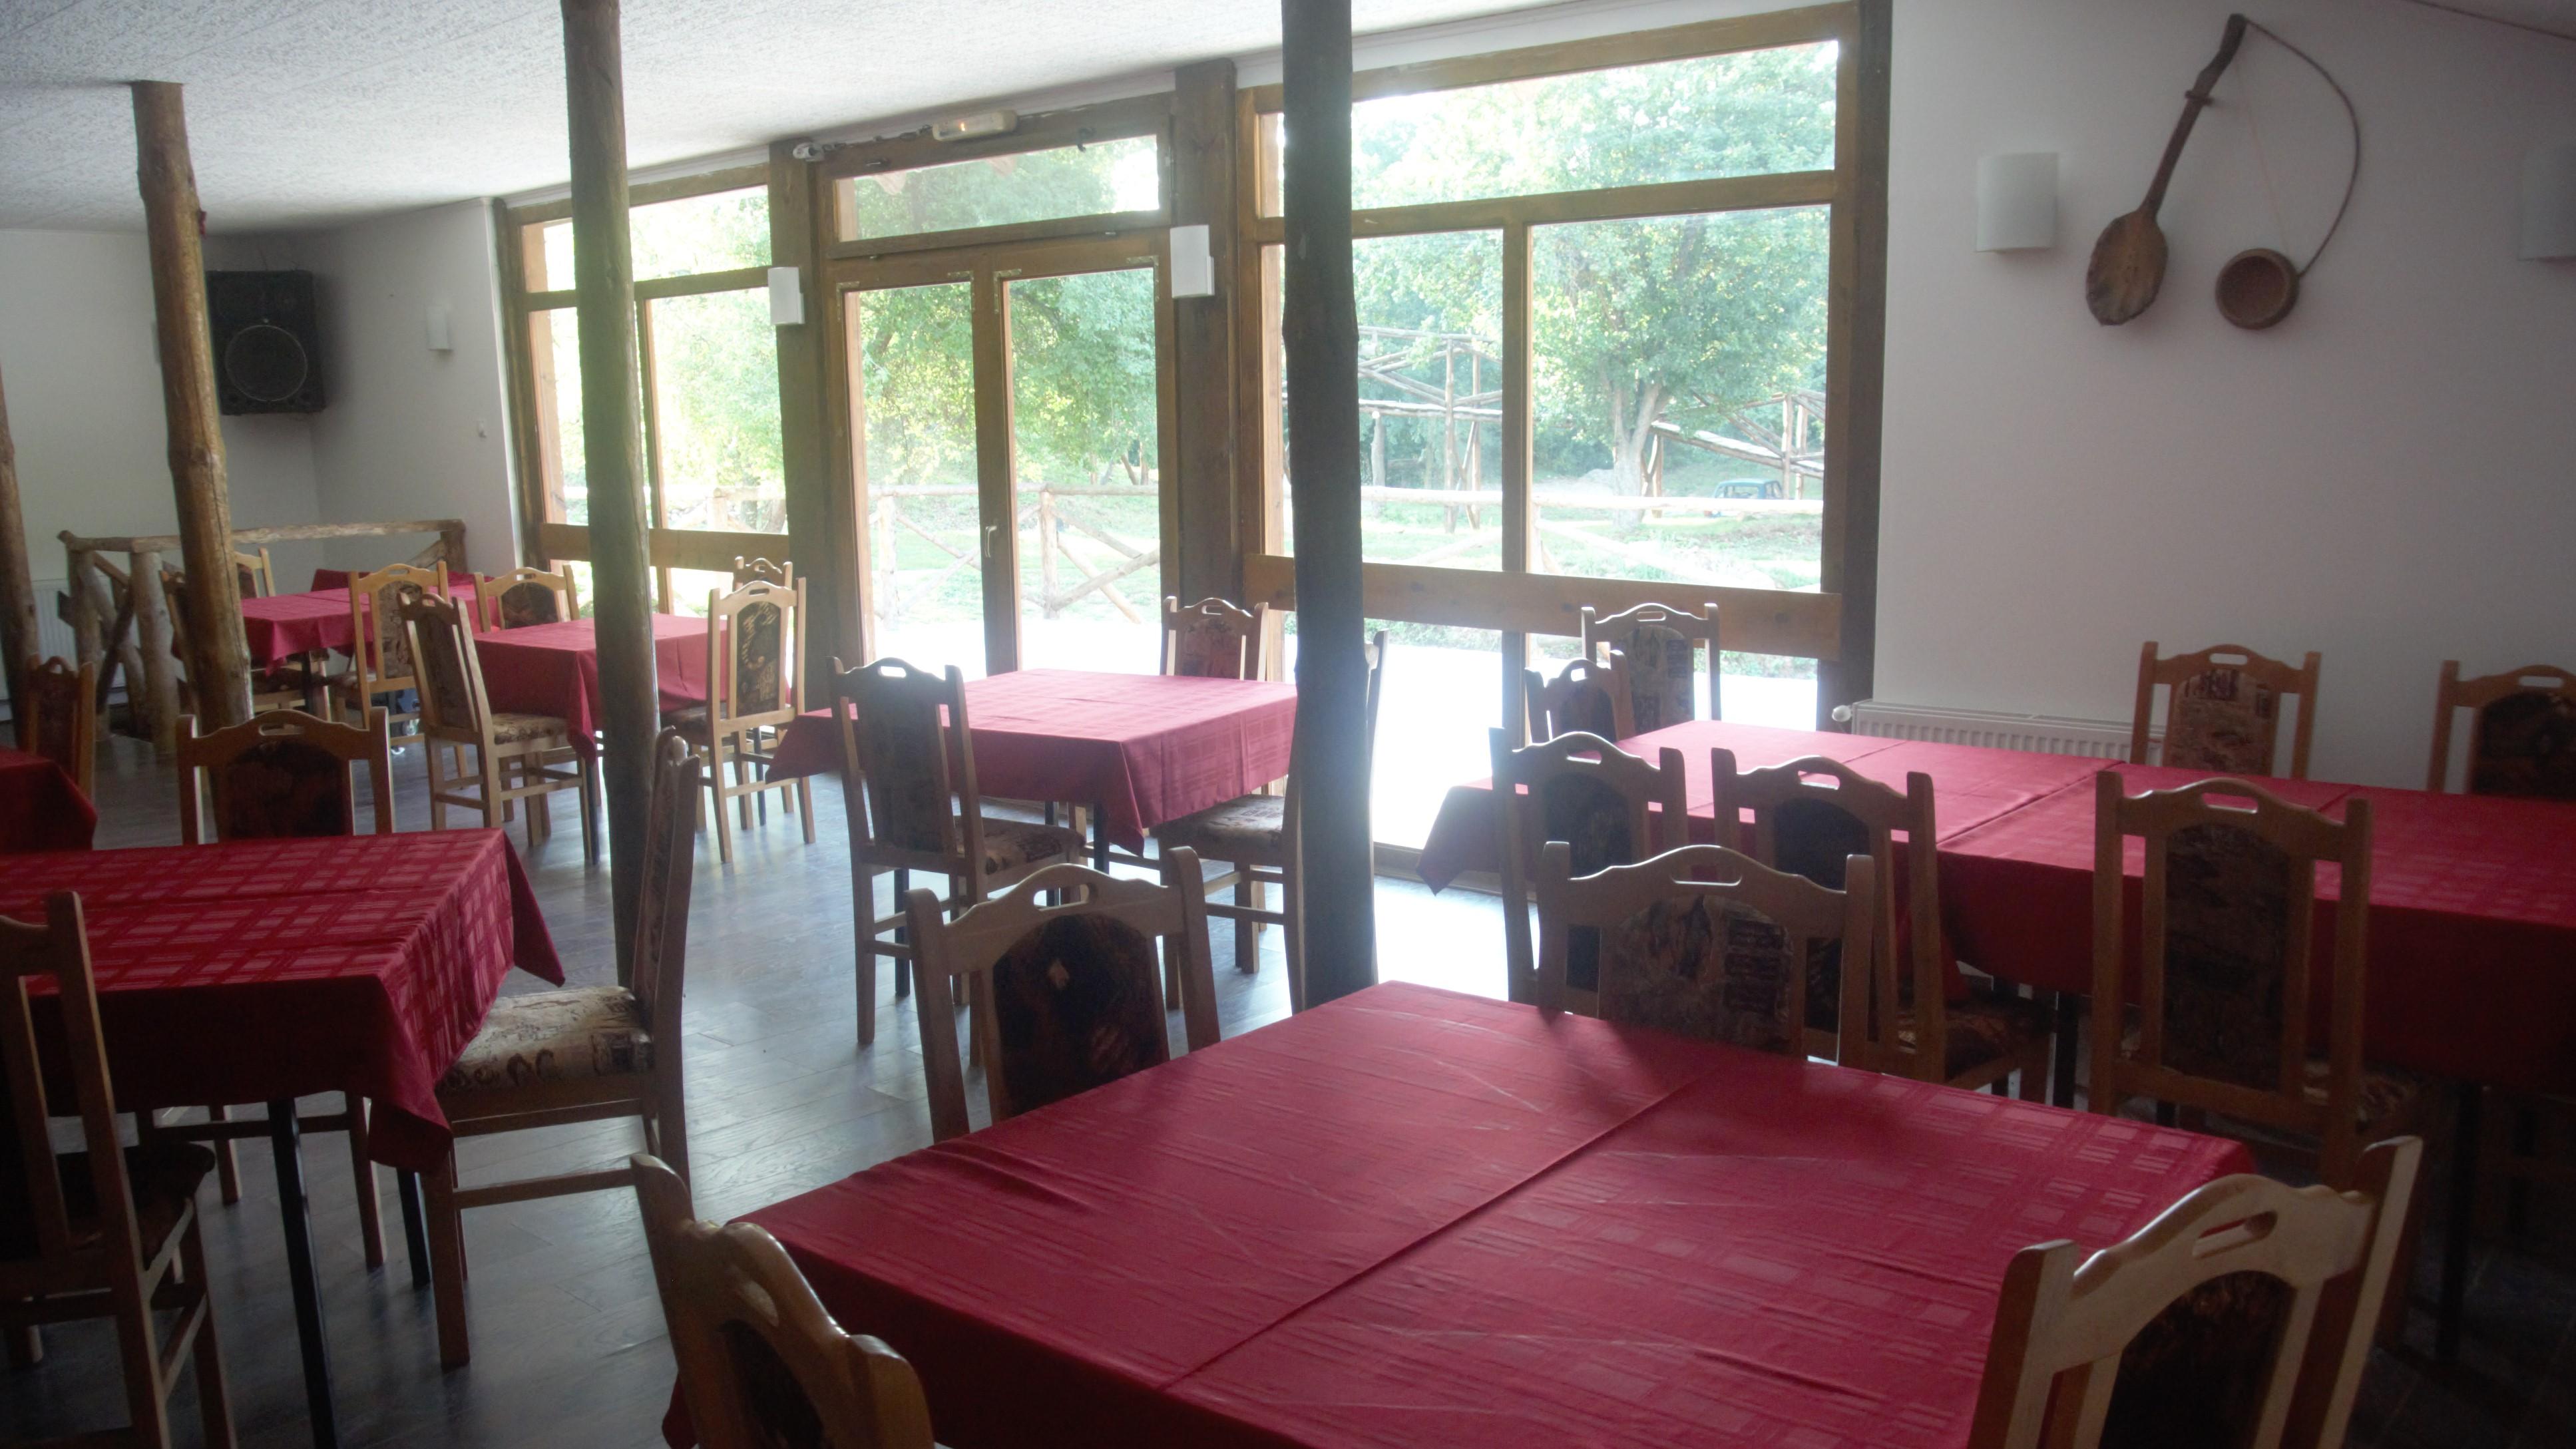 etno_restoran_etno_selo_stara_planina